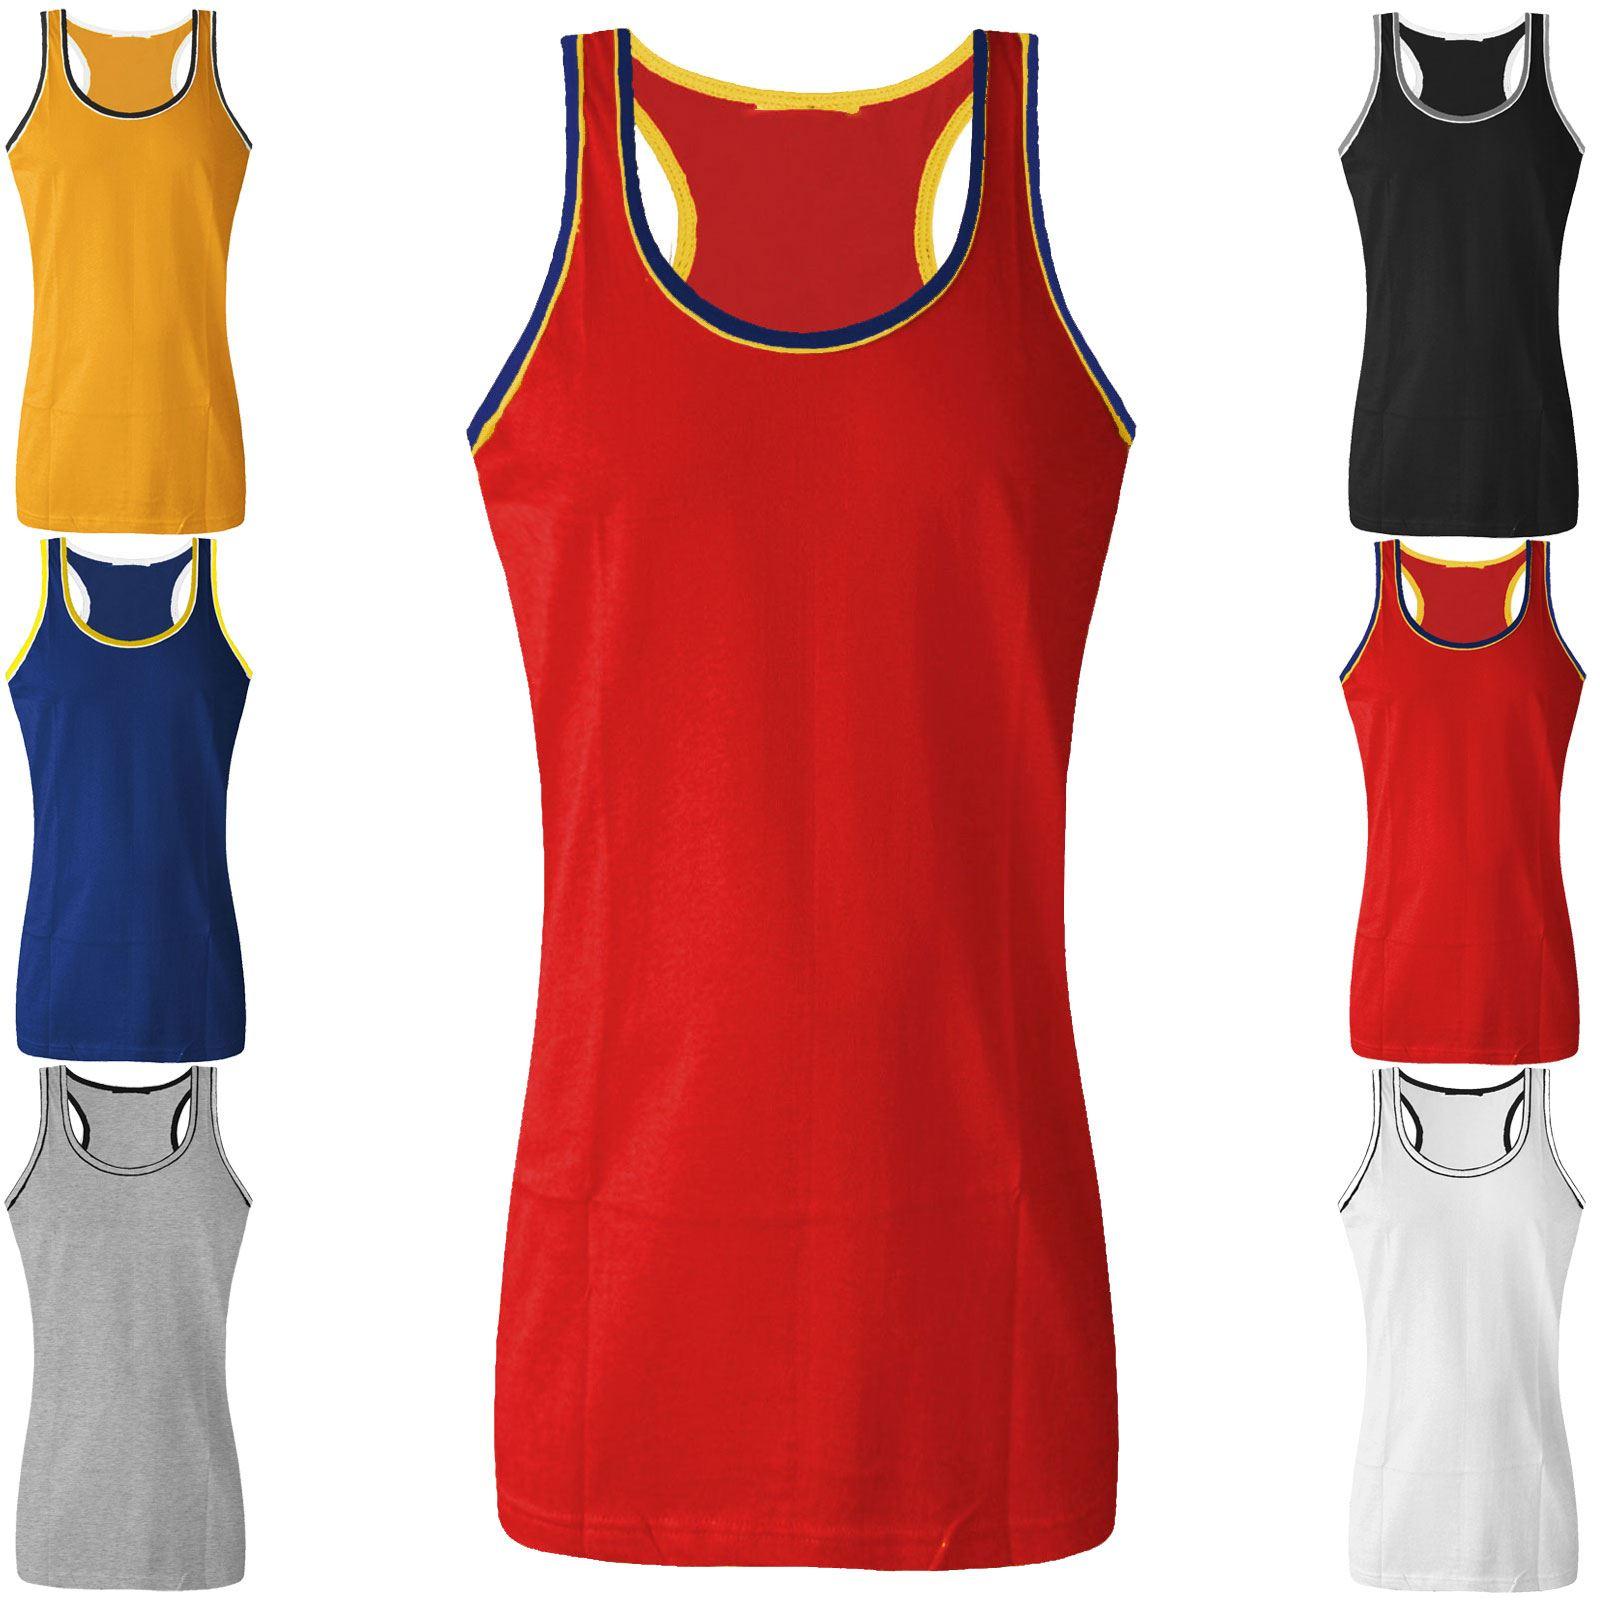 Dry-Cool Stringer Vest. Two Tone Stringer Vest. Value Stringer Vest. Scooped Hem Stringer Vest. Fade Out Stringer Vest. Gym T-Shirts. Gym Shorts. Muscle Vest.